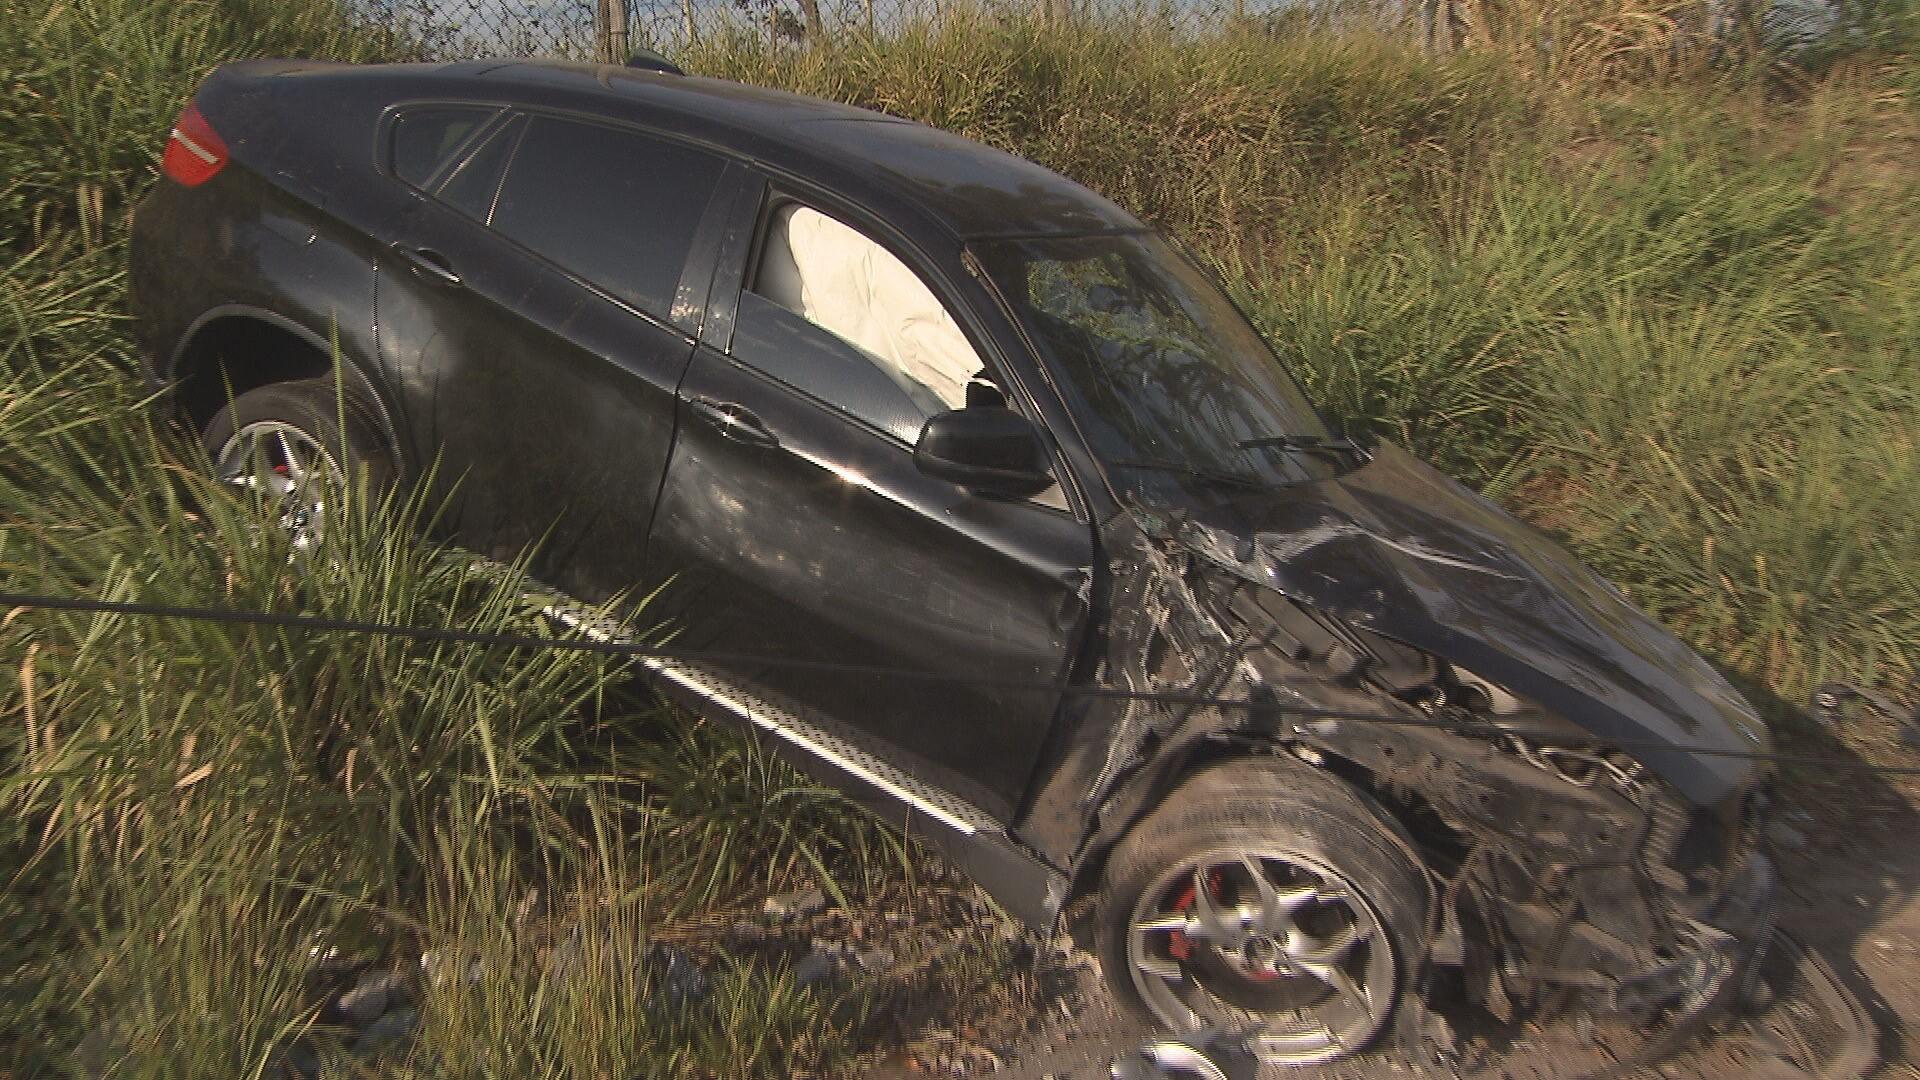 Motorista inabilitado capota BMW avaliada em mais de R$ 100 mil no Anel Rodoviário de BH